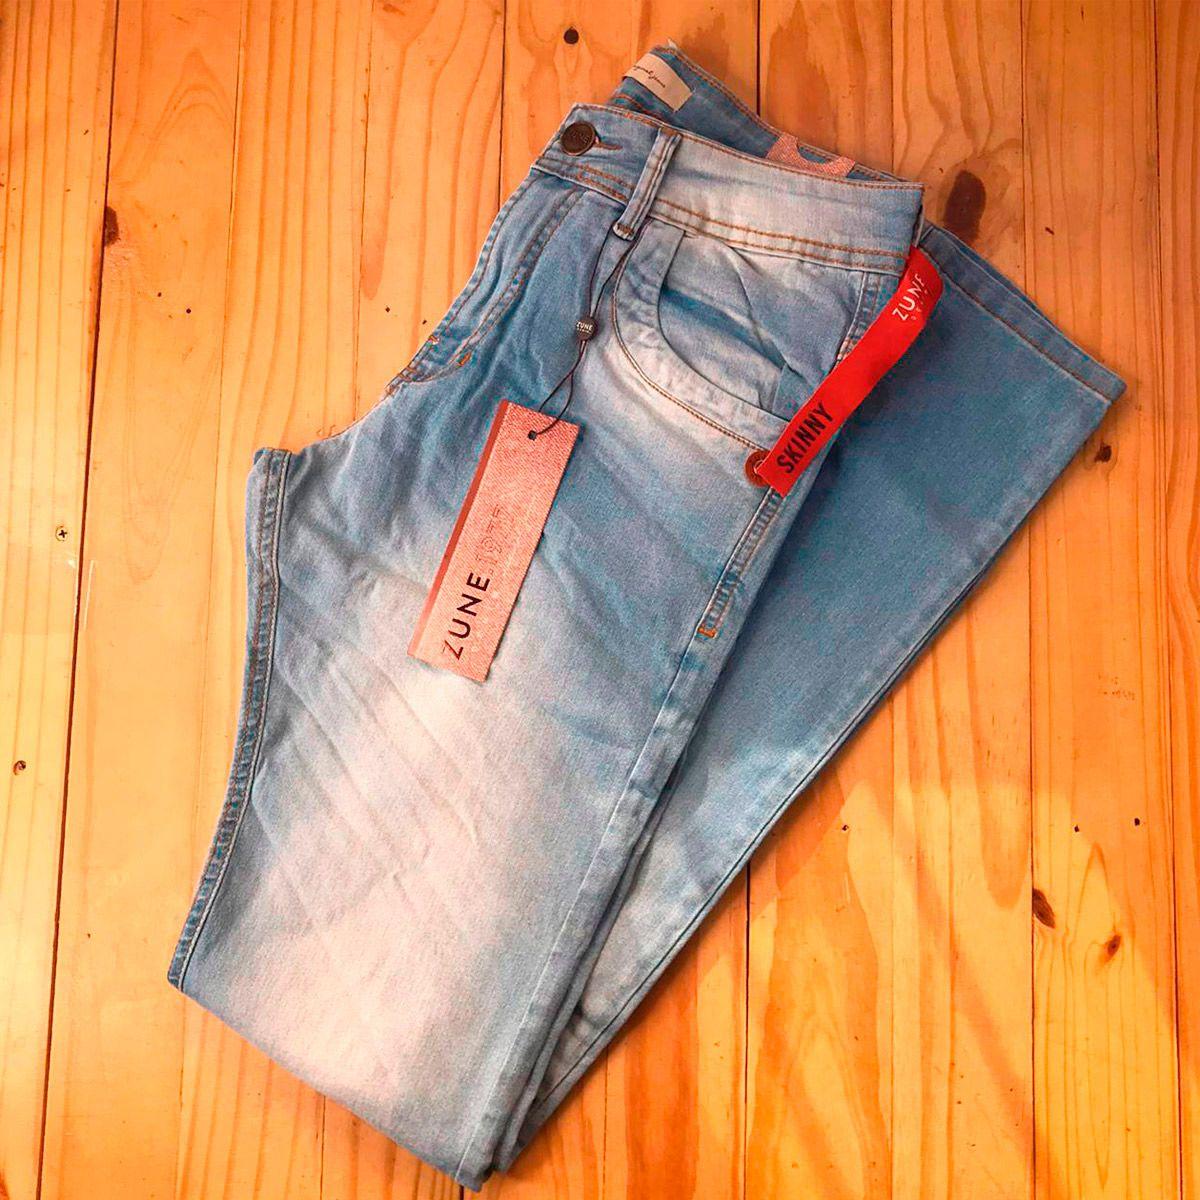 Calça Jeans Masculina Zune 33453